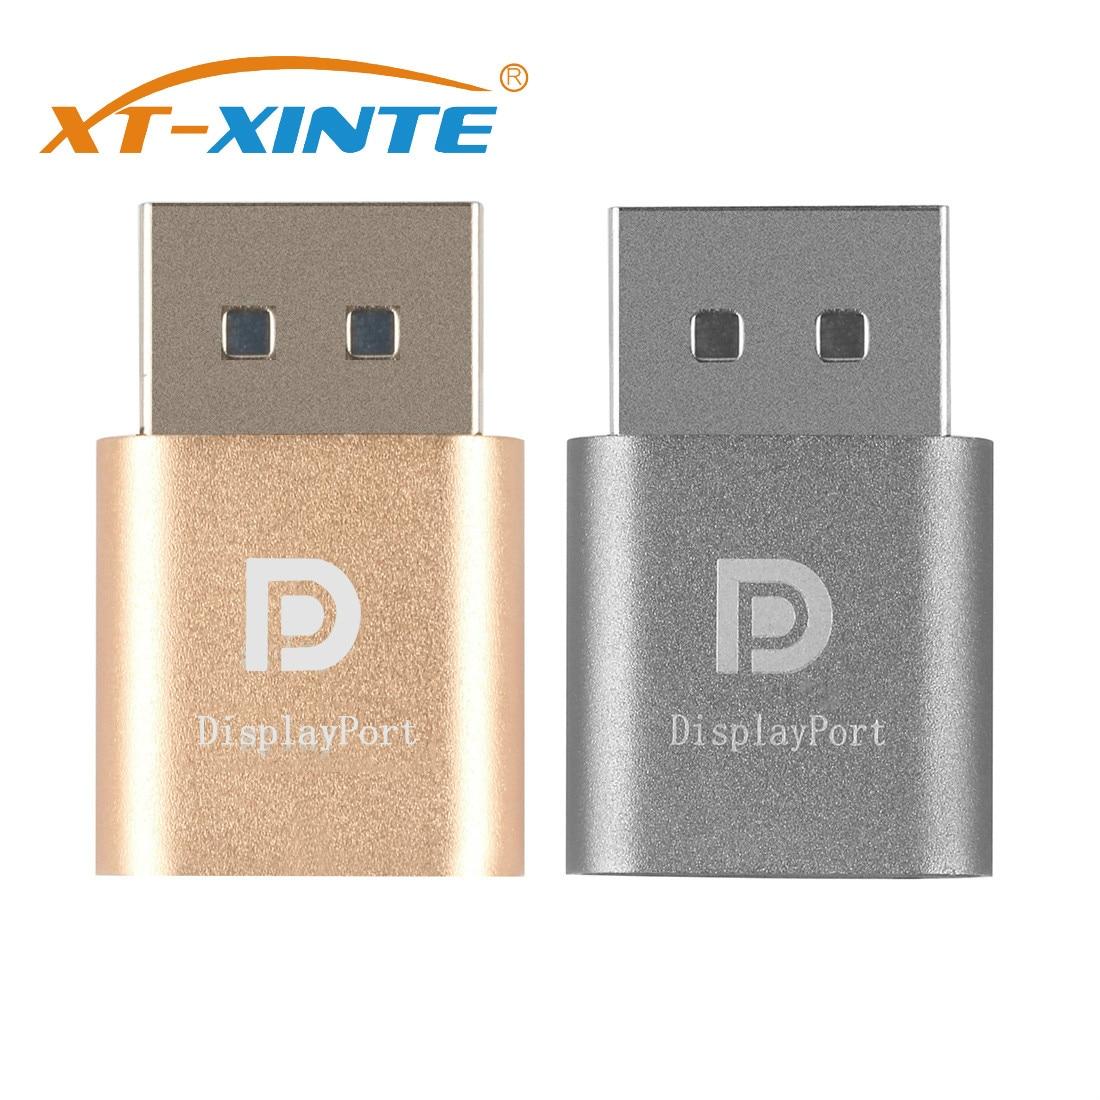 Slim HDMI DDC EDID Dummy Plug Headless Ghost Display Emulator 1920x1080@60Hz NEW